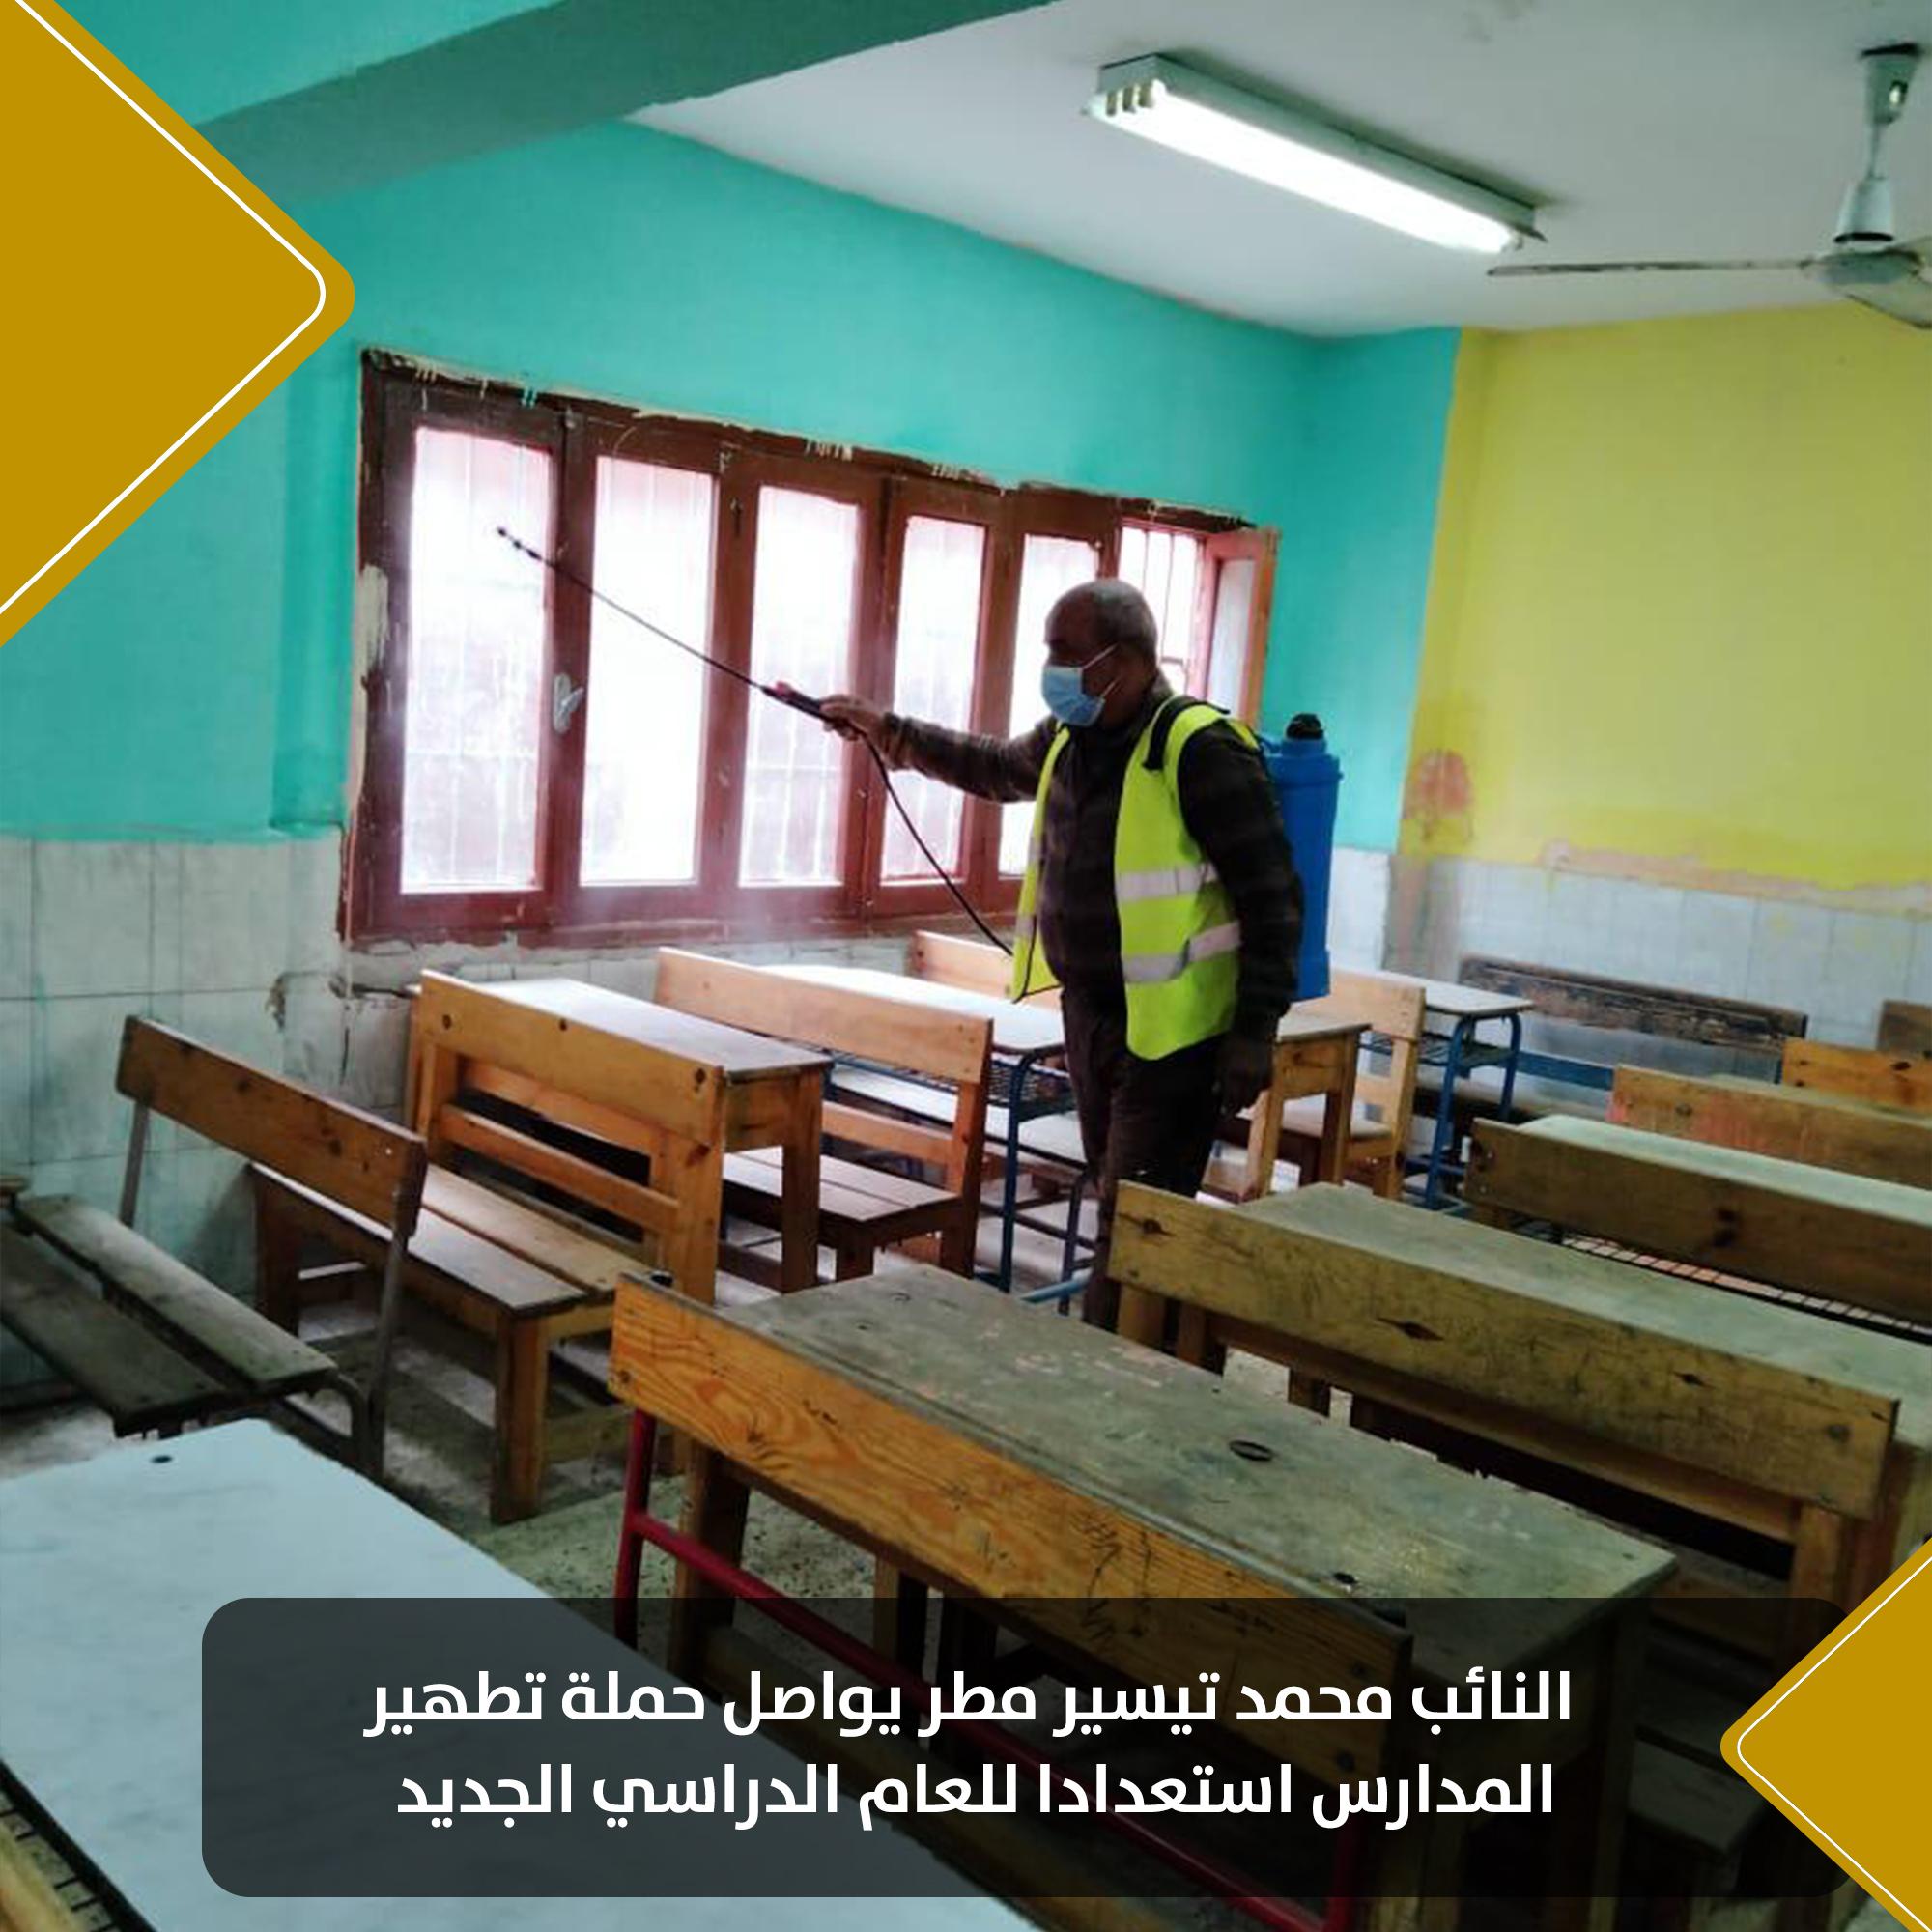 النائب محمد تيسير مطر يواصل حملة تطهير المدارسس (18)